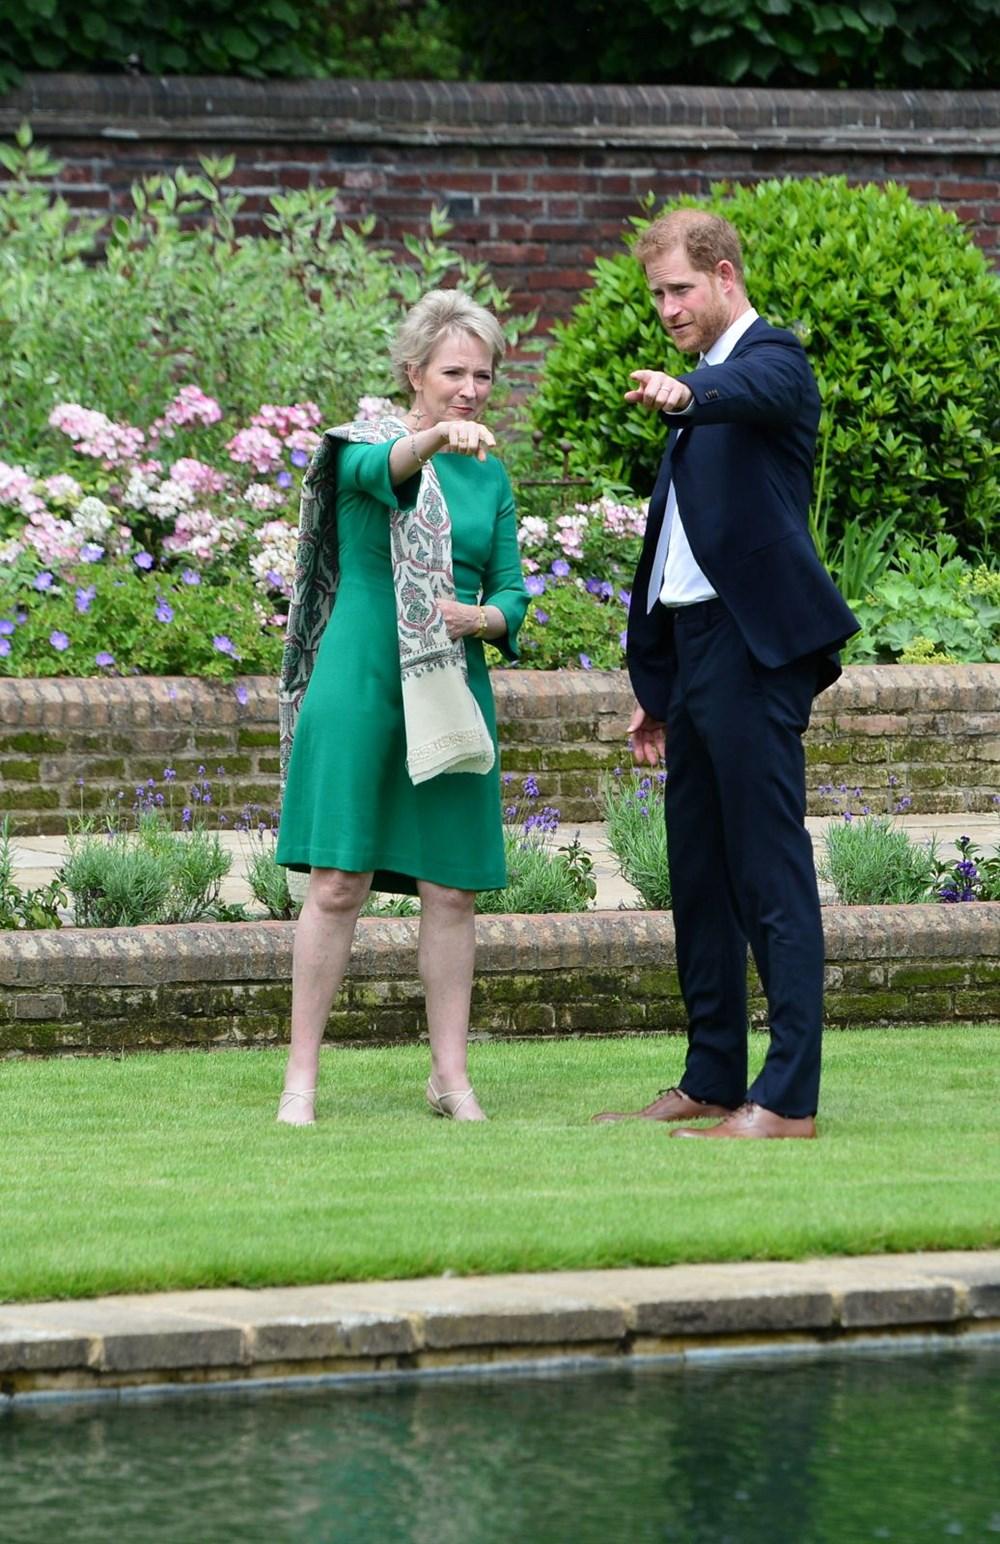 Prenses Diana'nın 60'ıncı doğum gününde Kensington Sarayı'nda heykelinin açılışı yapıldı - 9